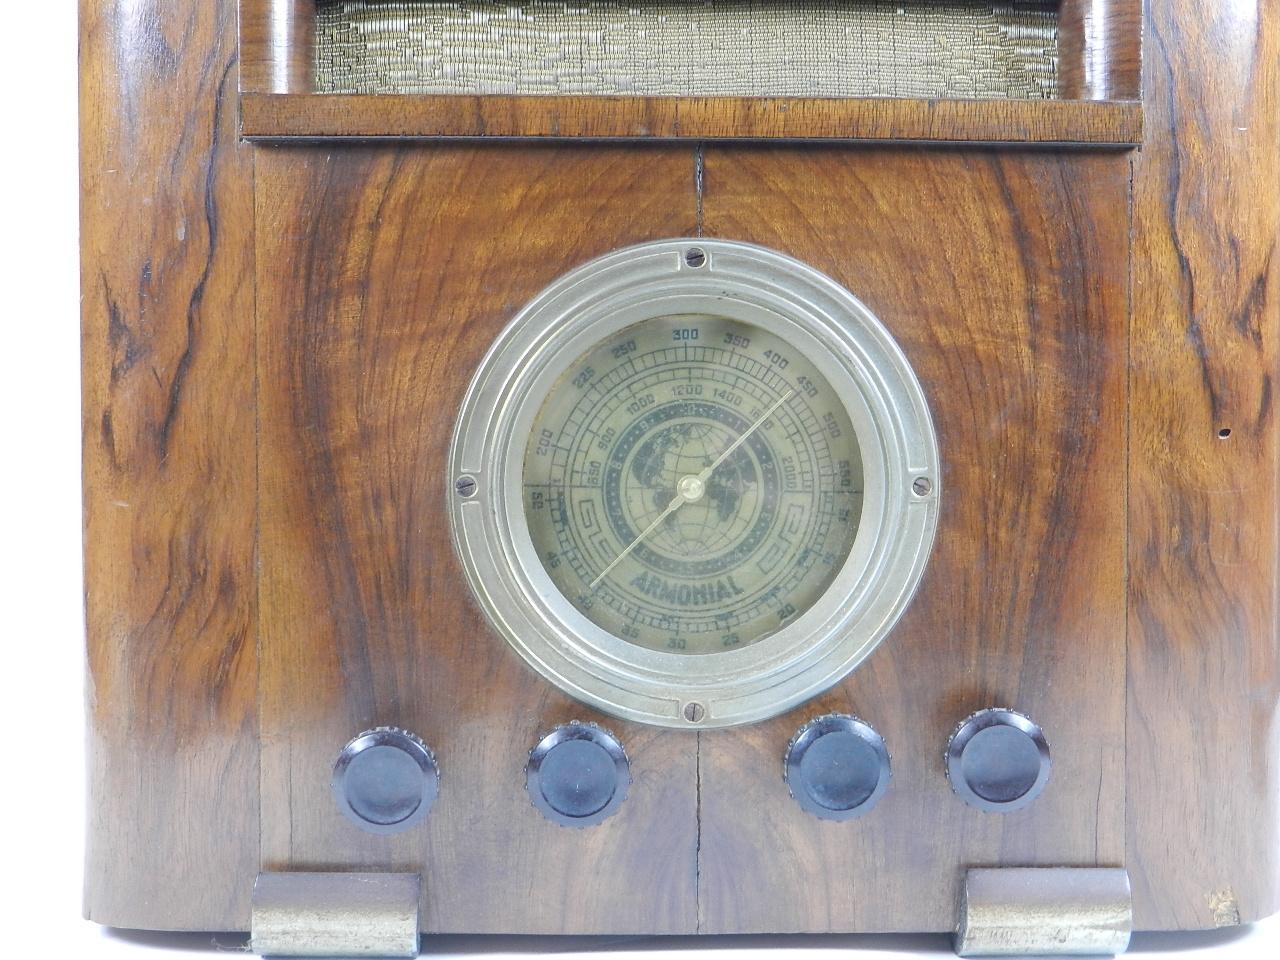 Imagen RADIO  ARMONIAL AÑO 1938 28574